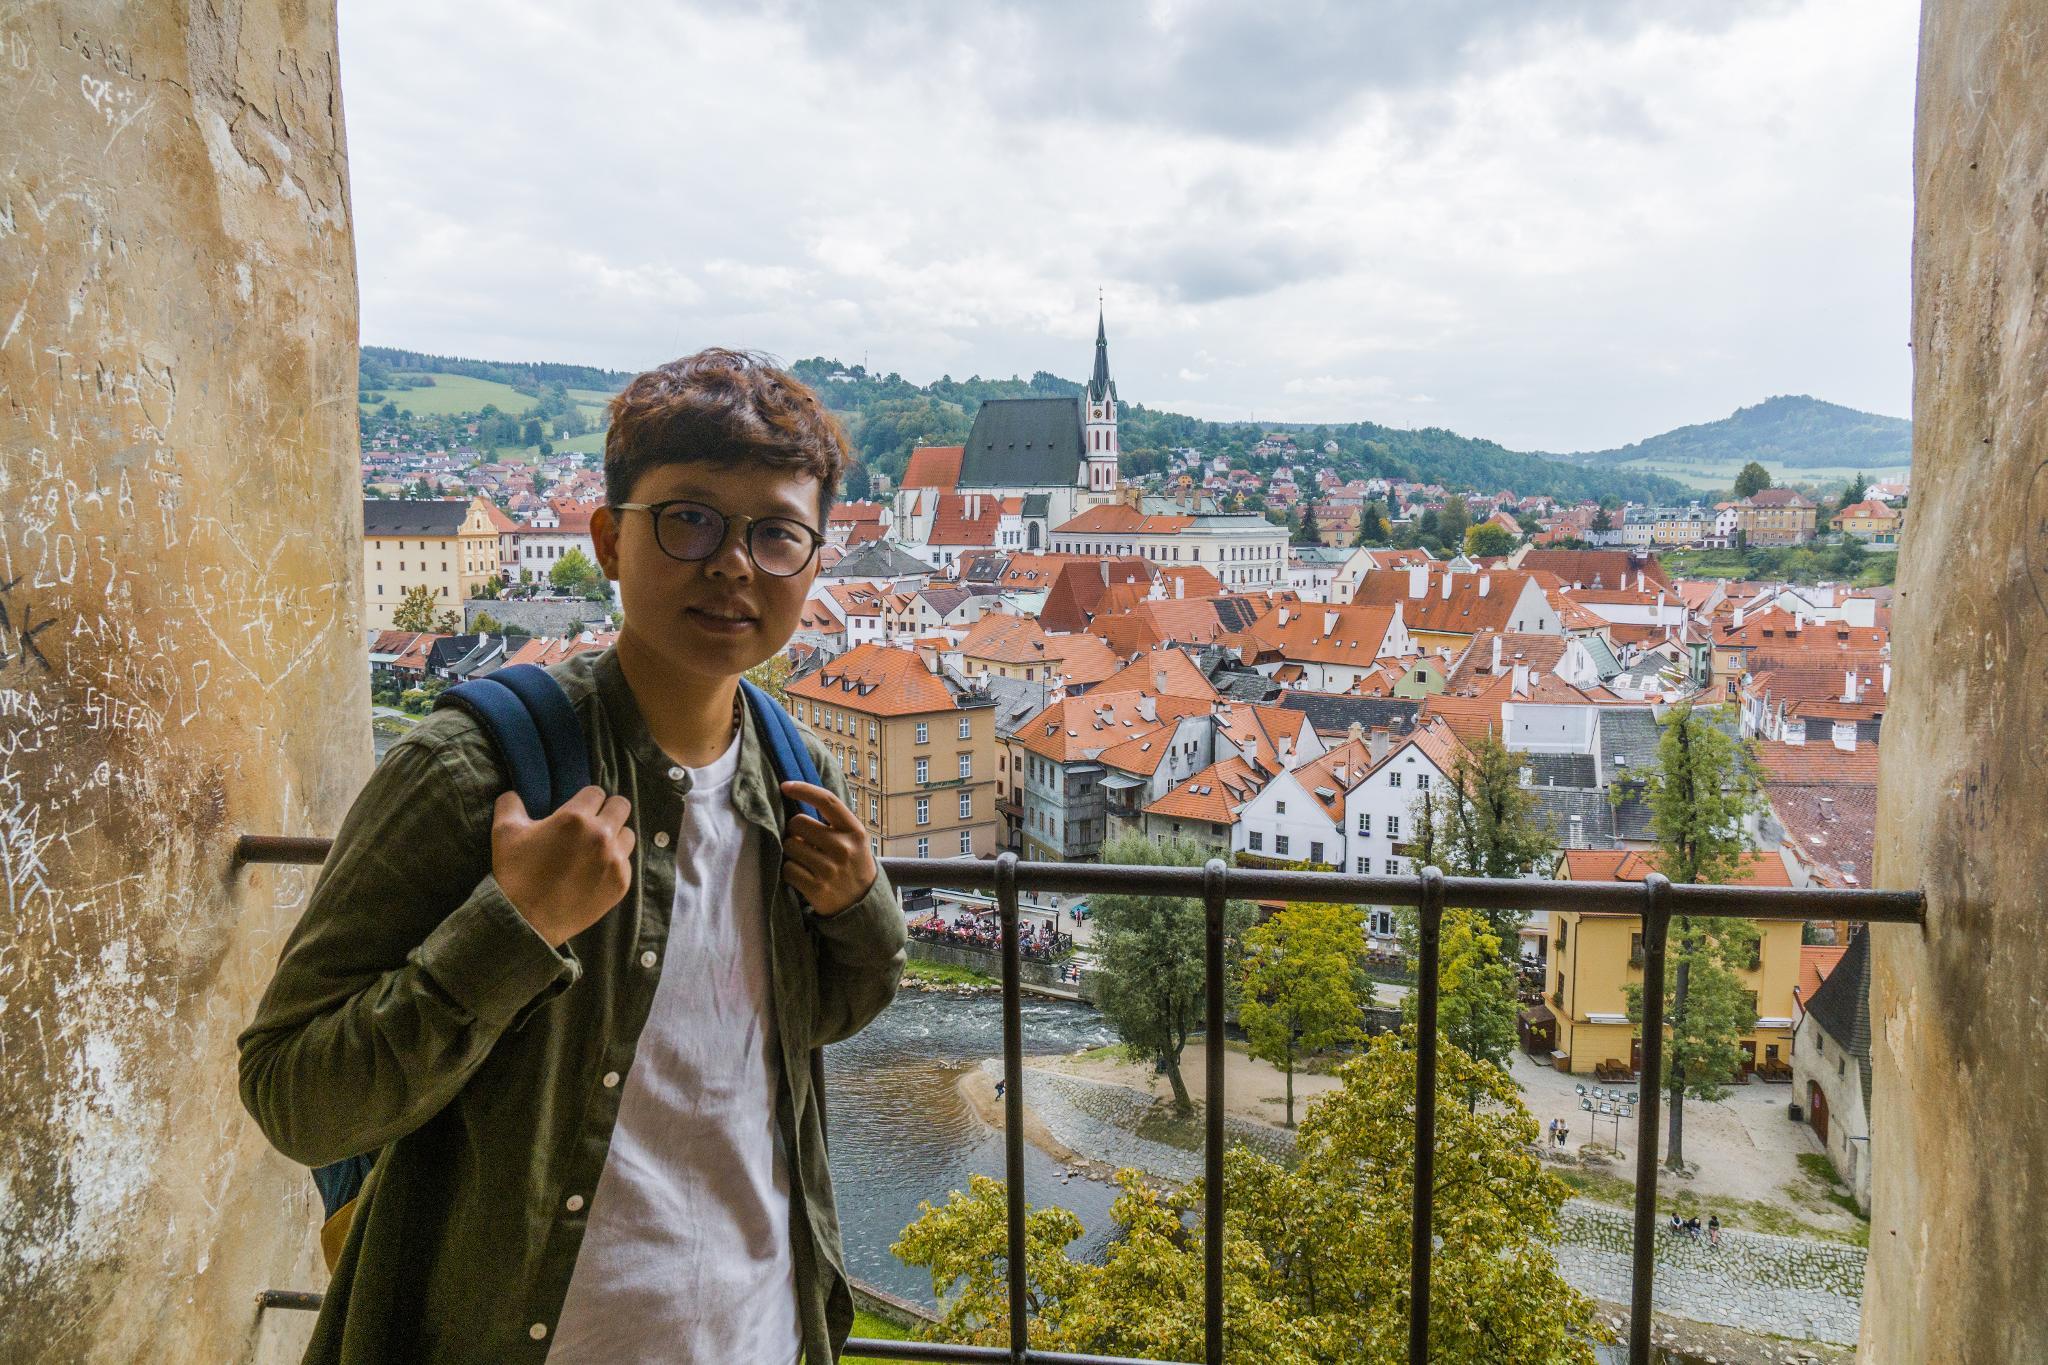 【捷克】穿越時空的波希米亞狂想曲 — Český Krumlov Castle 庫倫諾夫城堡 31